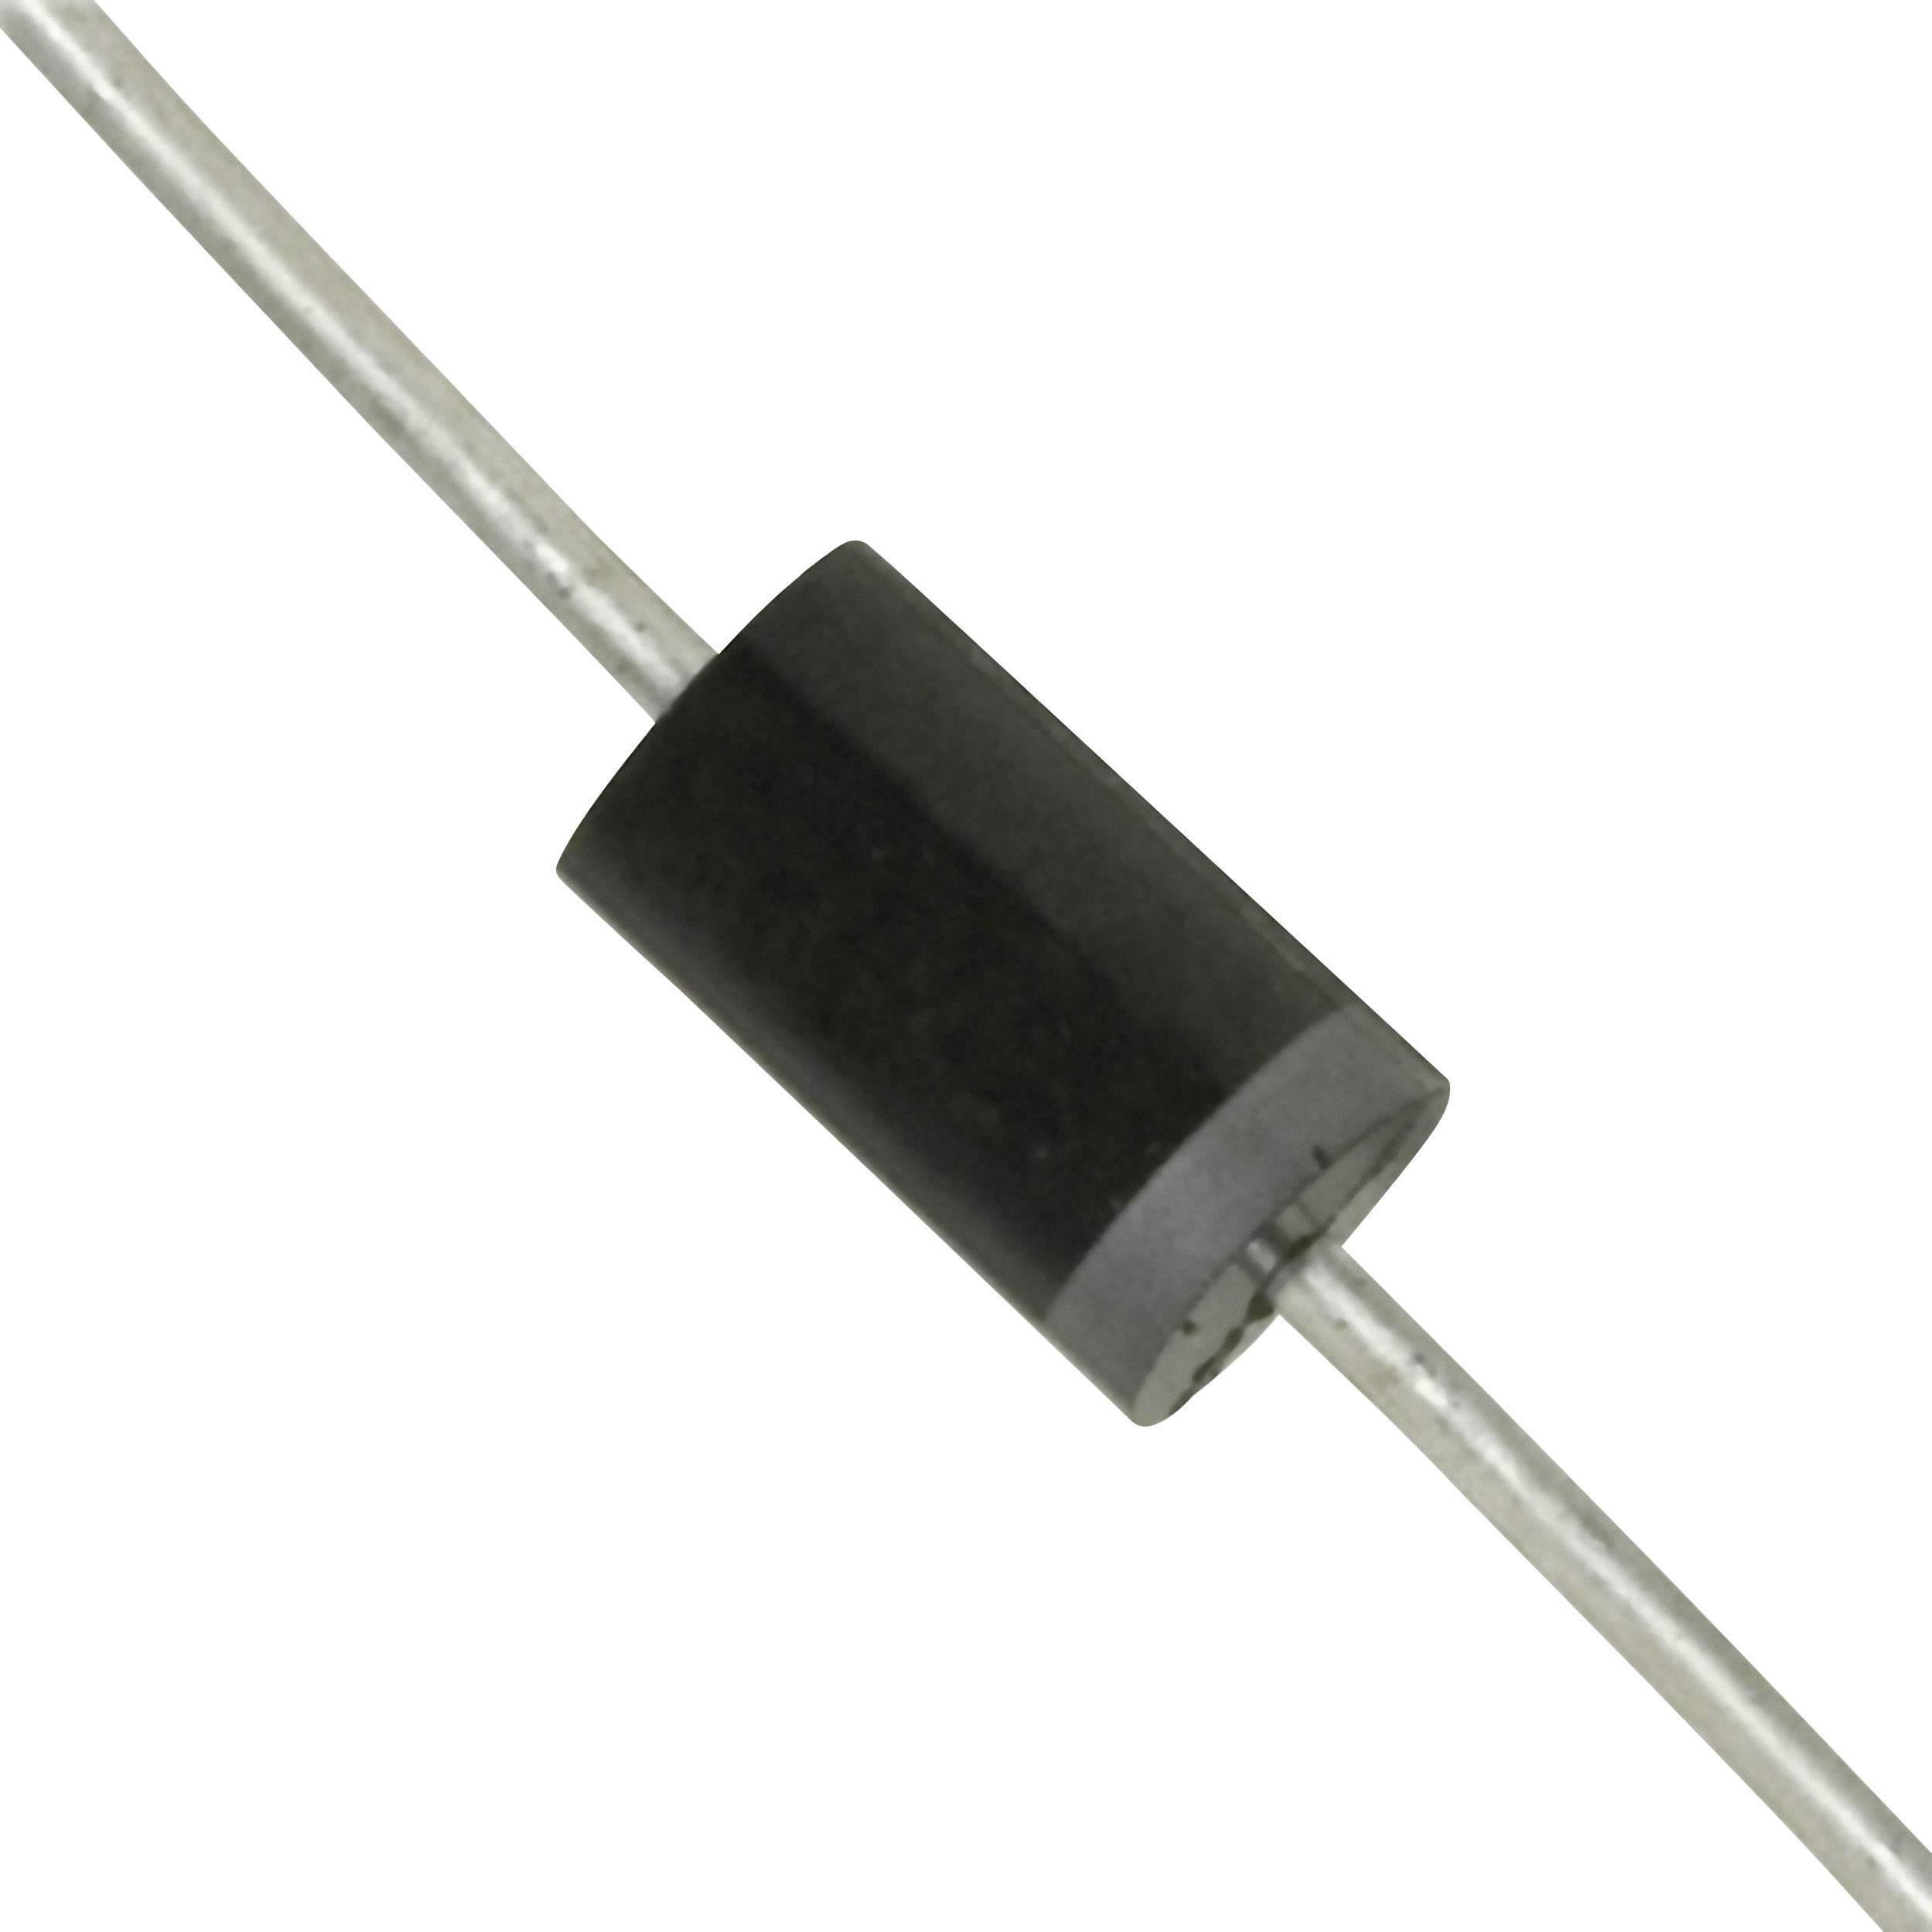 Zenerova dioda Diotec ZPD 16 V , 500 mW, DO 35 P